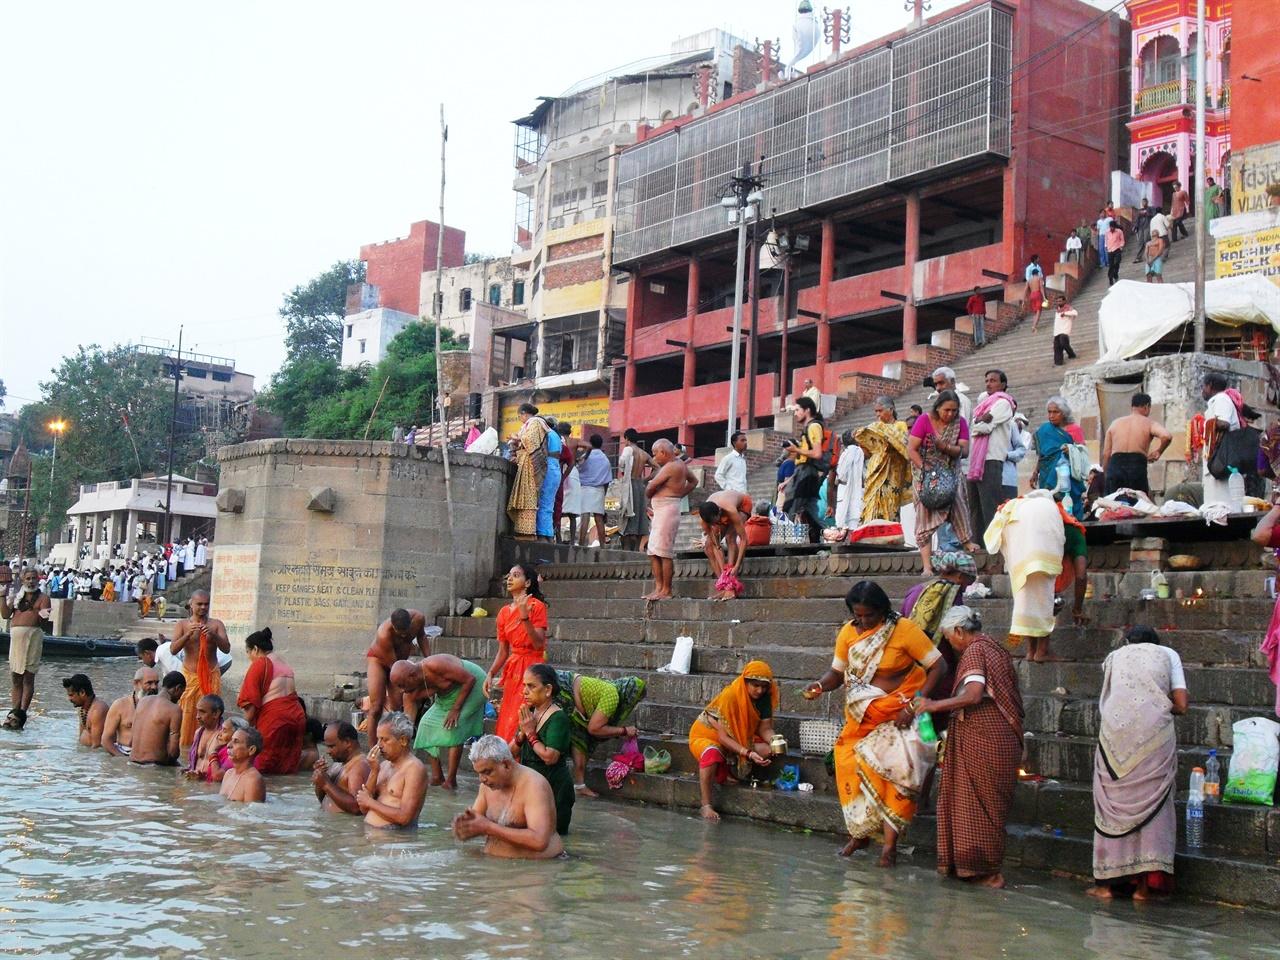 가난과 고통 속에서도 웃음을 잃지 않고 사는 인도 사람들.